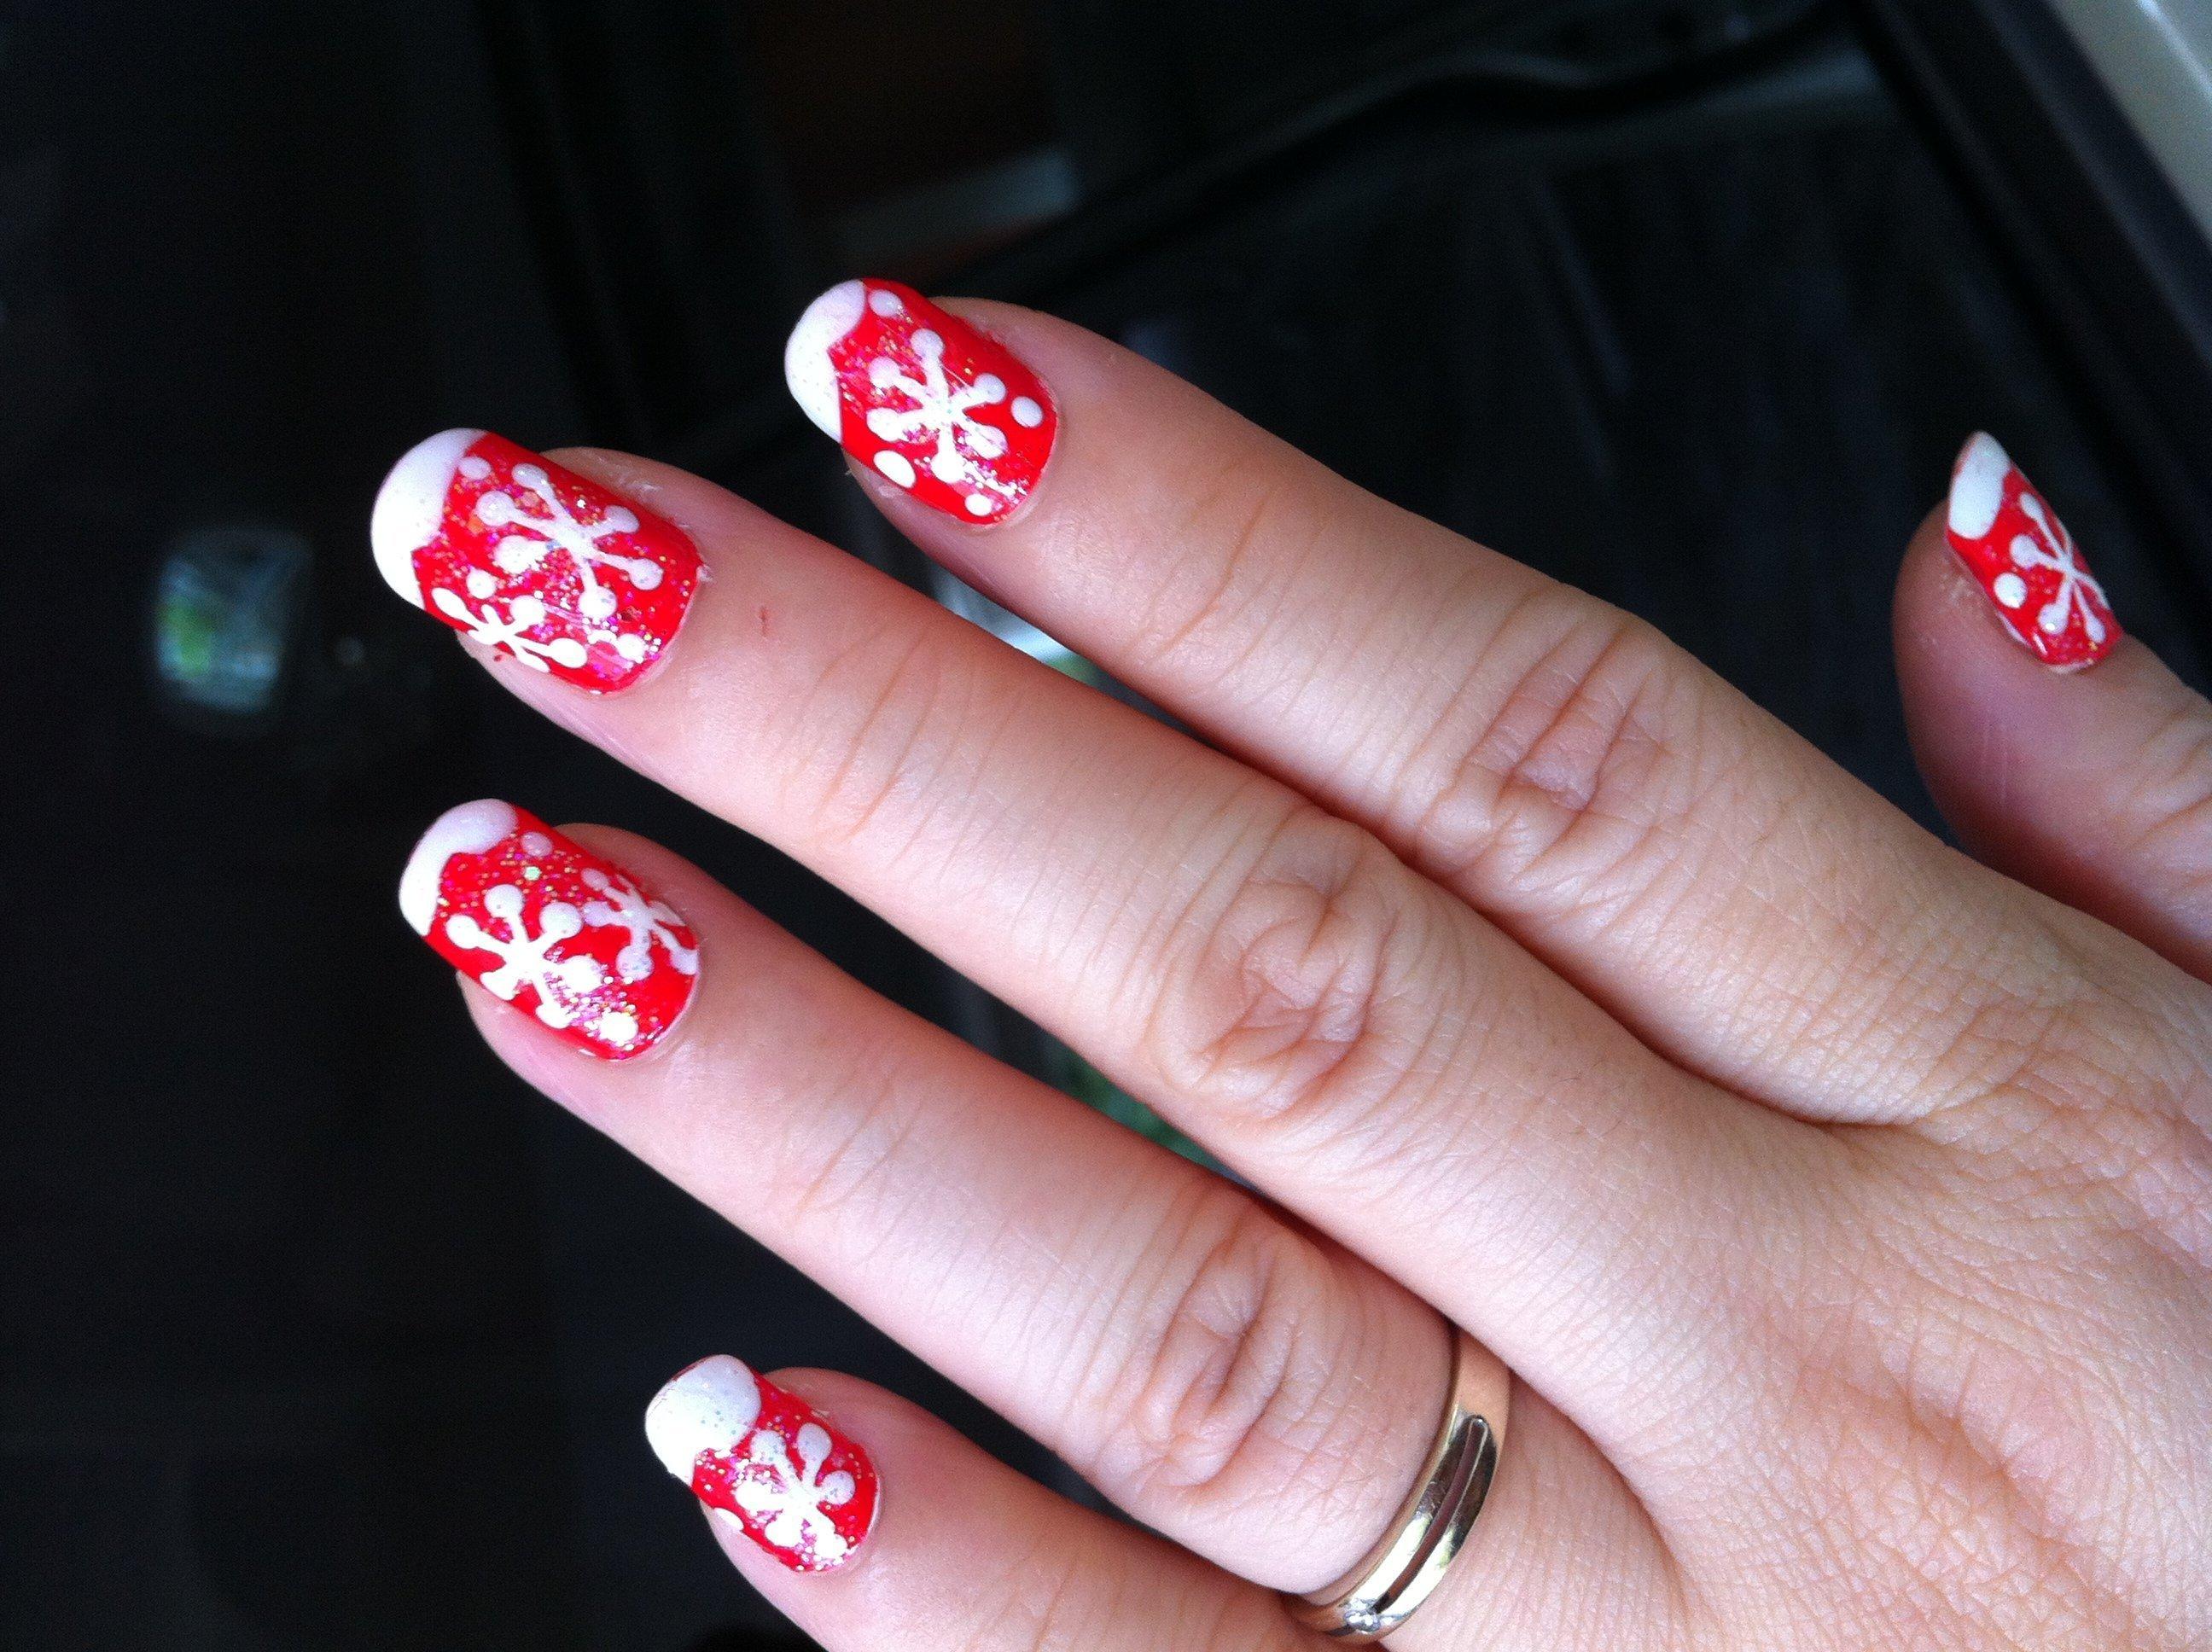 vyazanyj-manikyur-foto_58 Самый красивый дизайн ногтей: 100 ЛУЧШИХ идей и трендов на фото